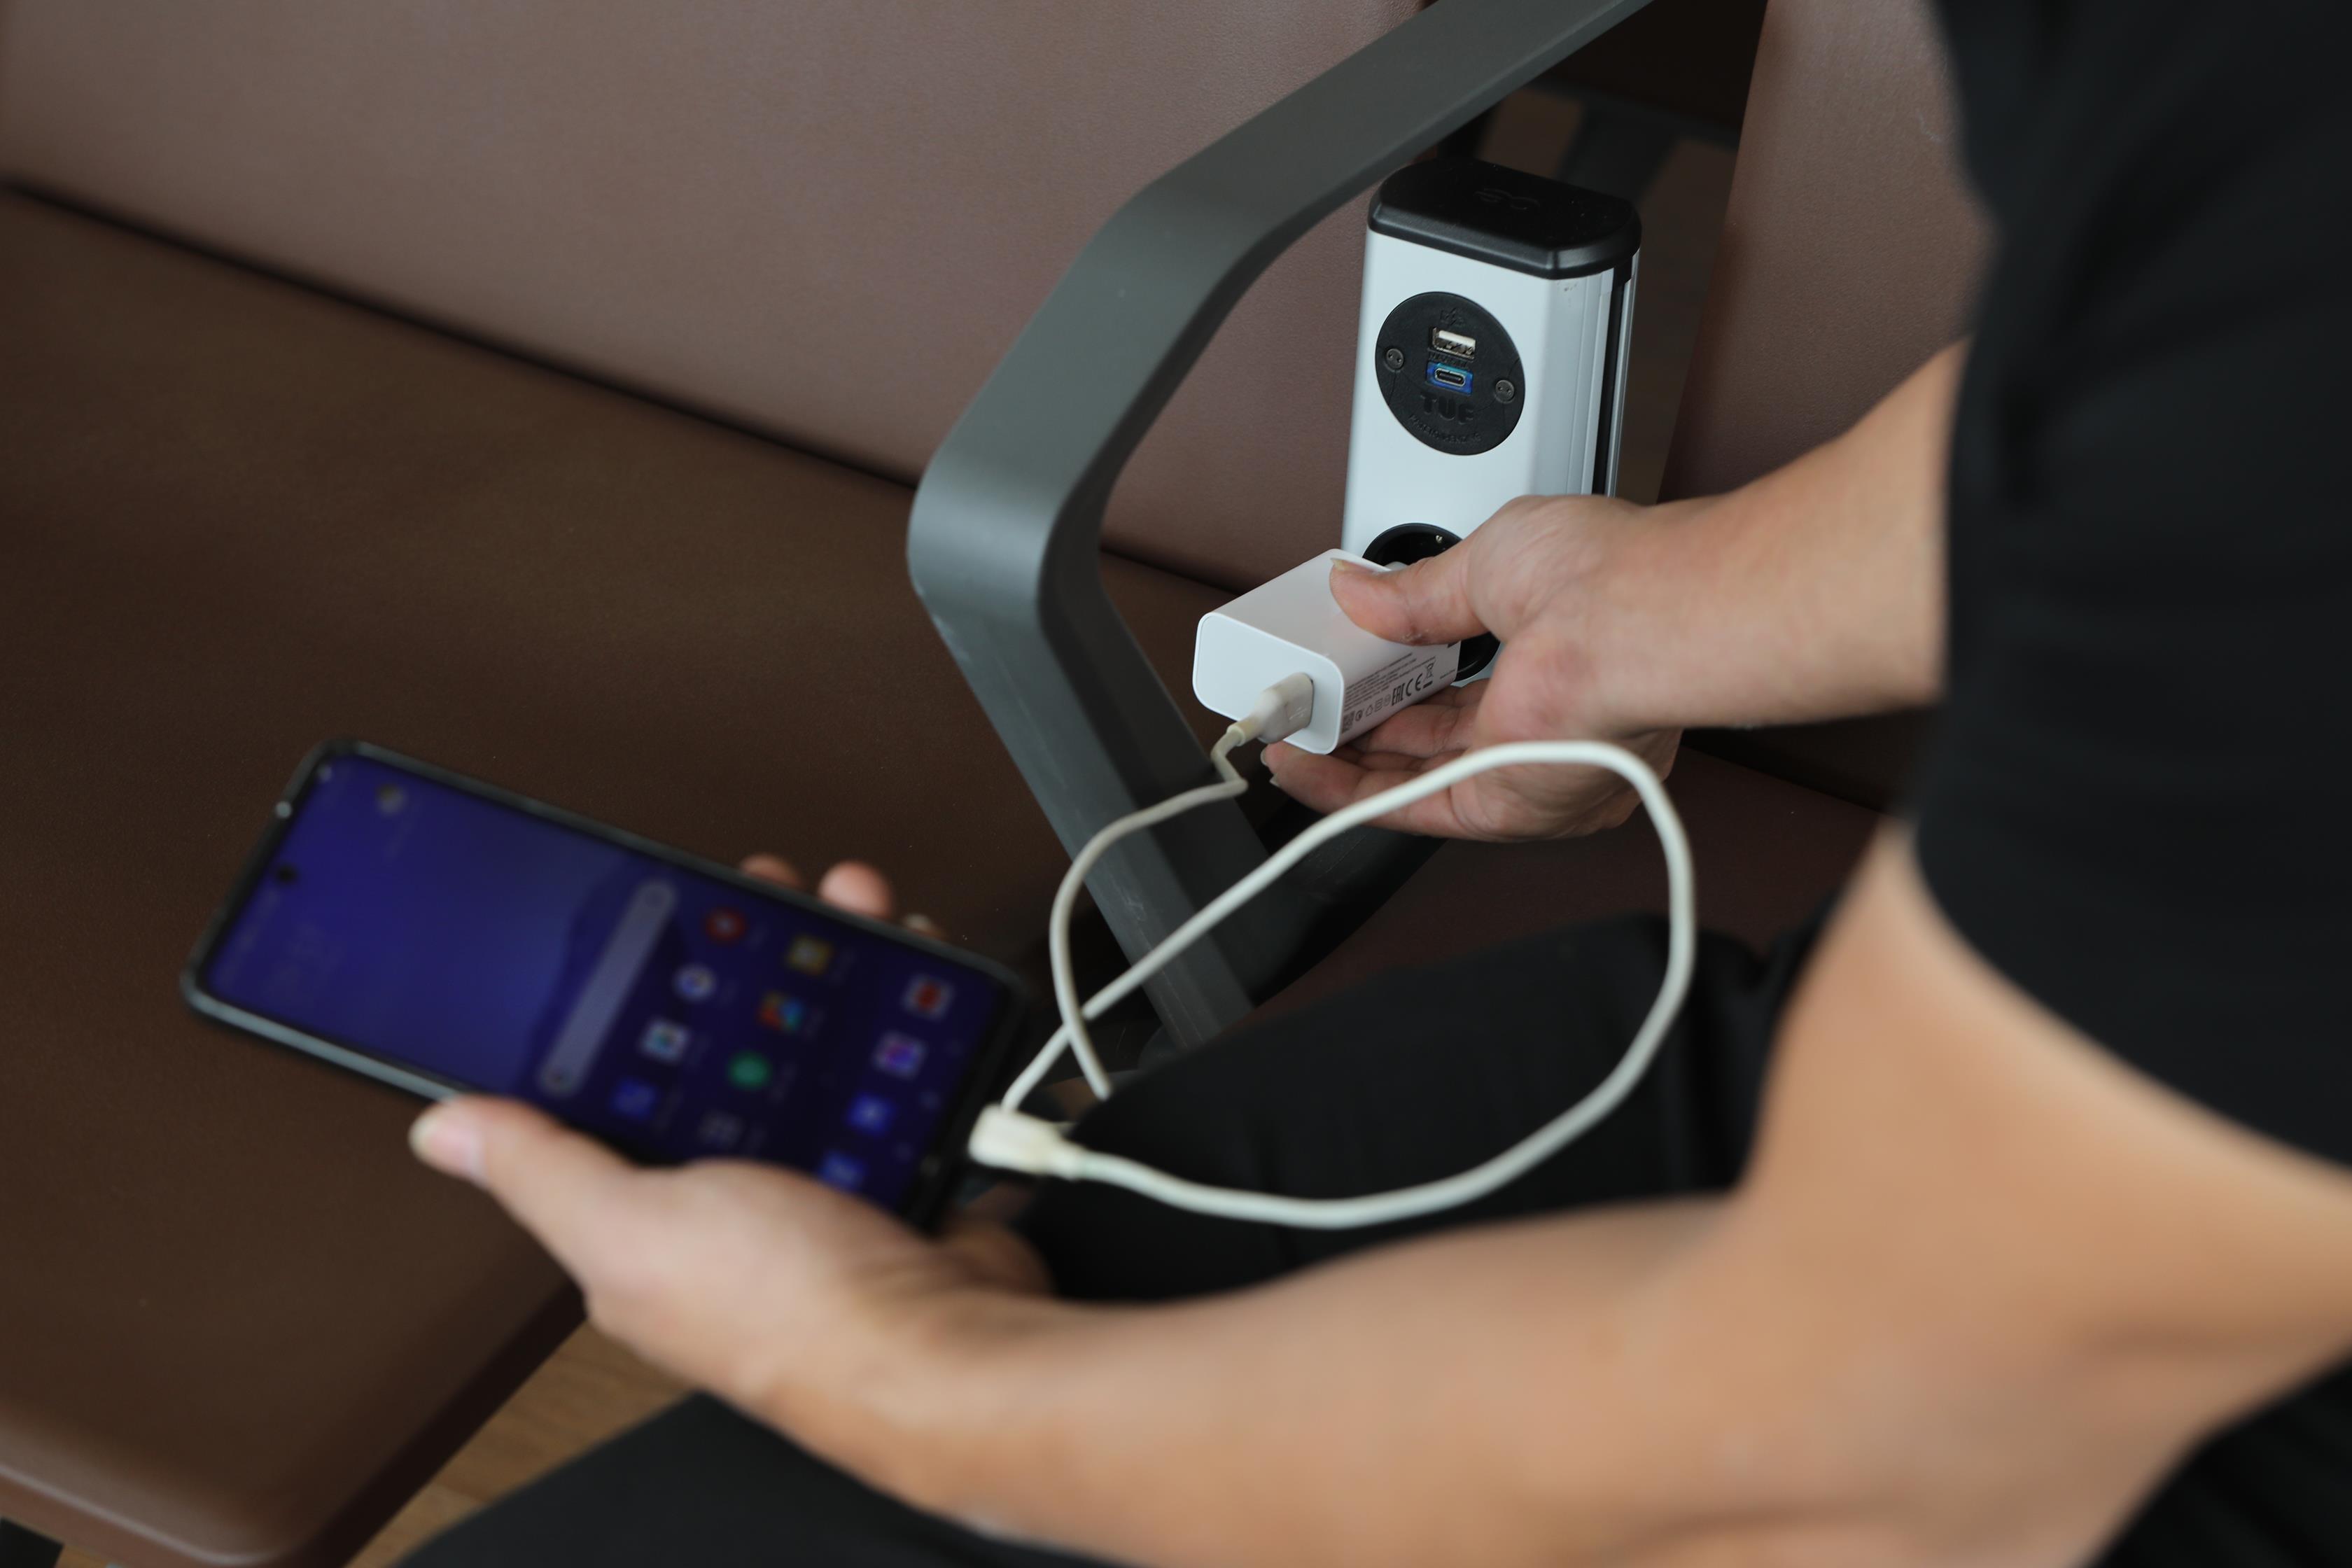 Hệ thống công nghệ tại sân bay hiện đại nhất Việt Nam có gì? 4